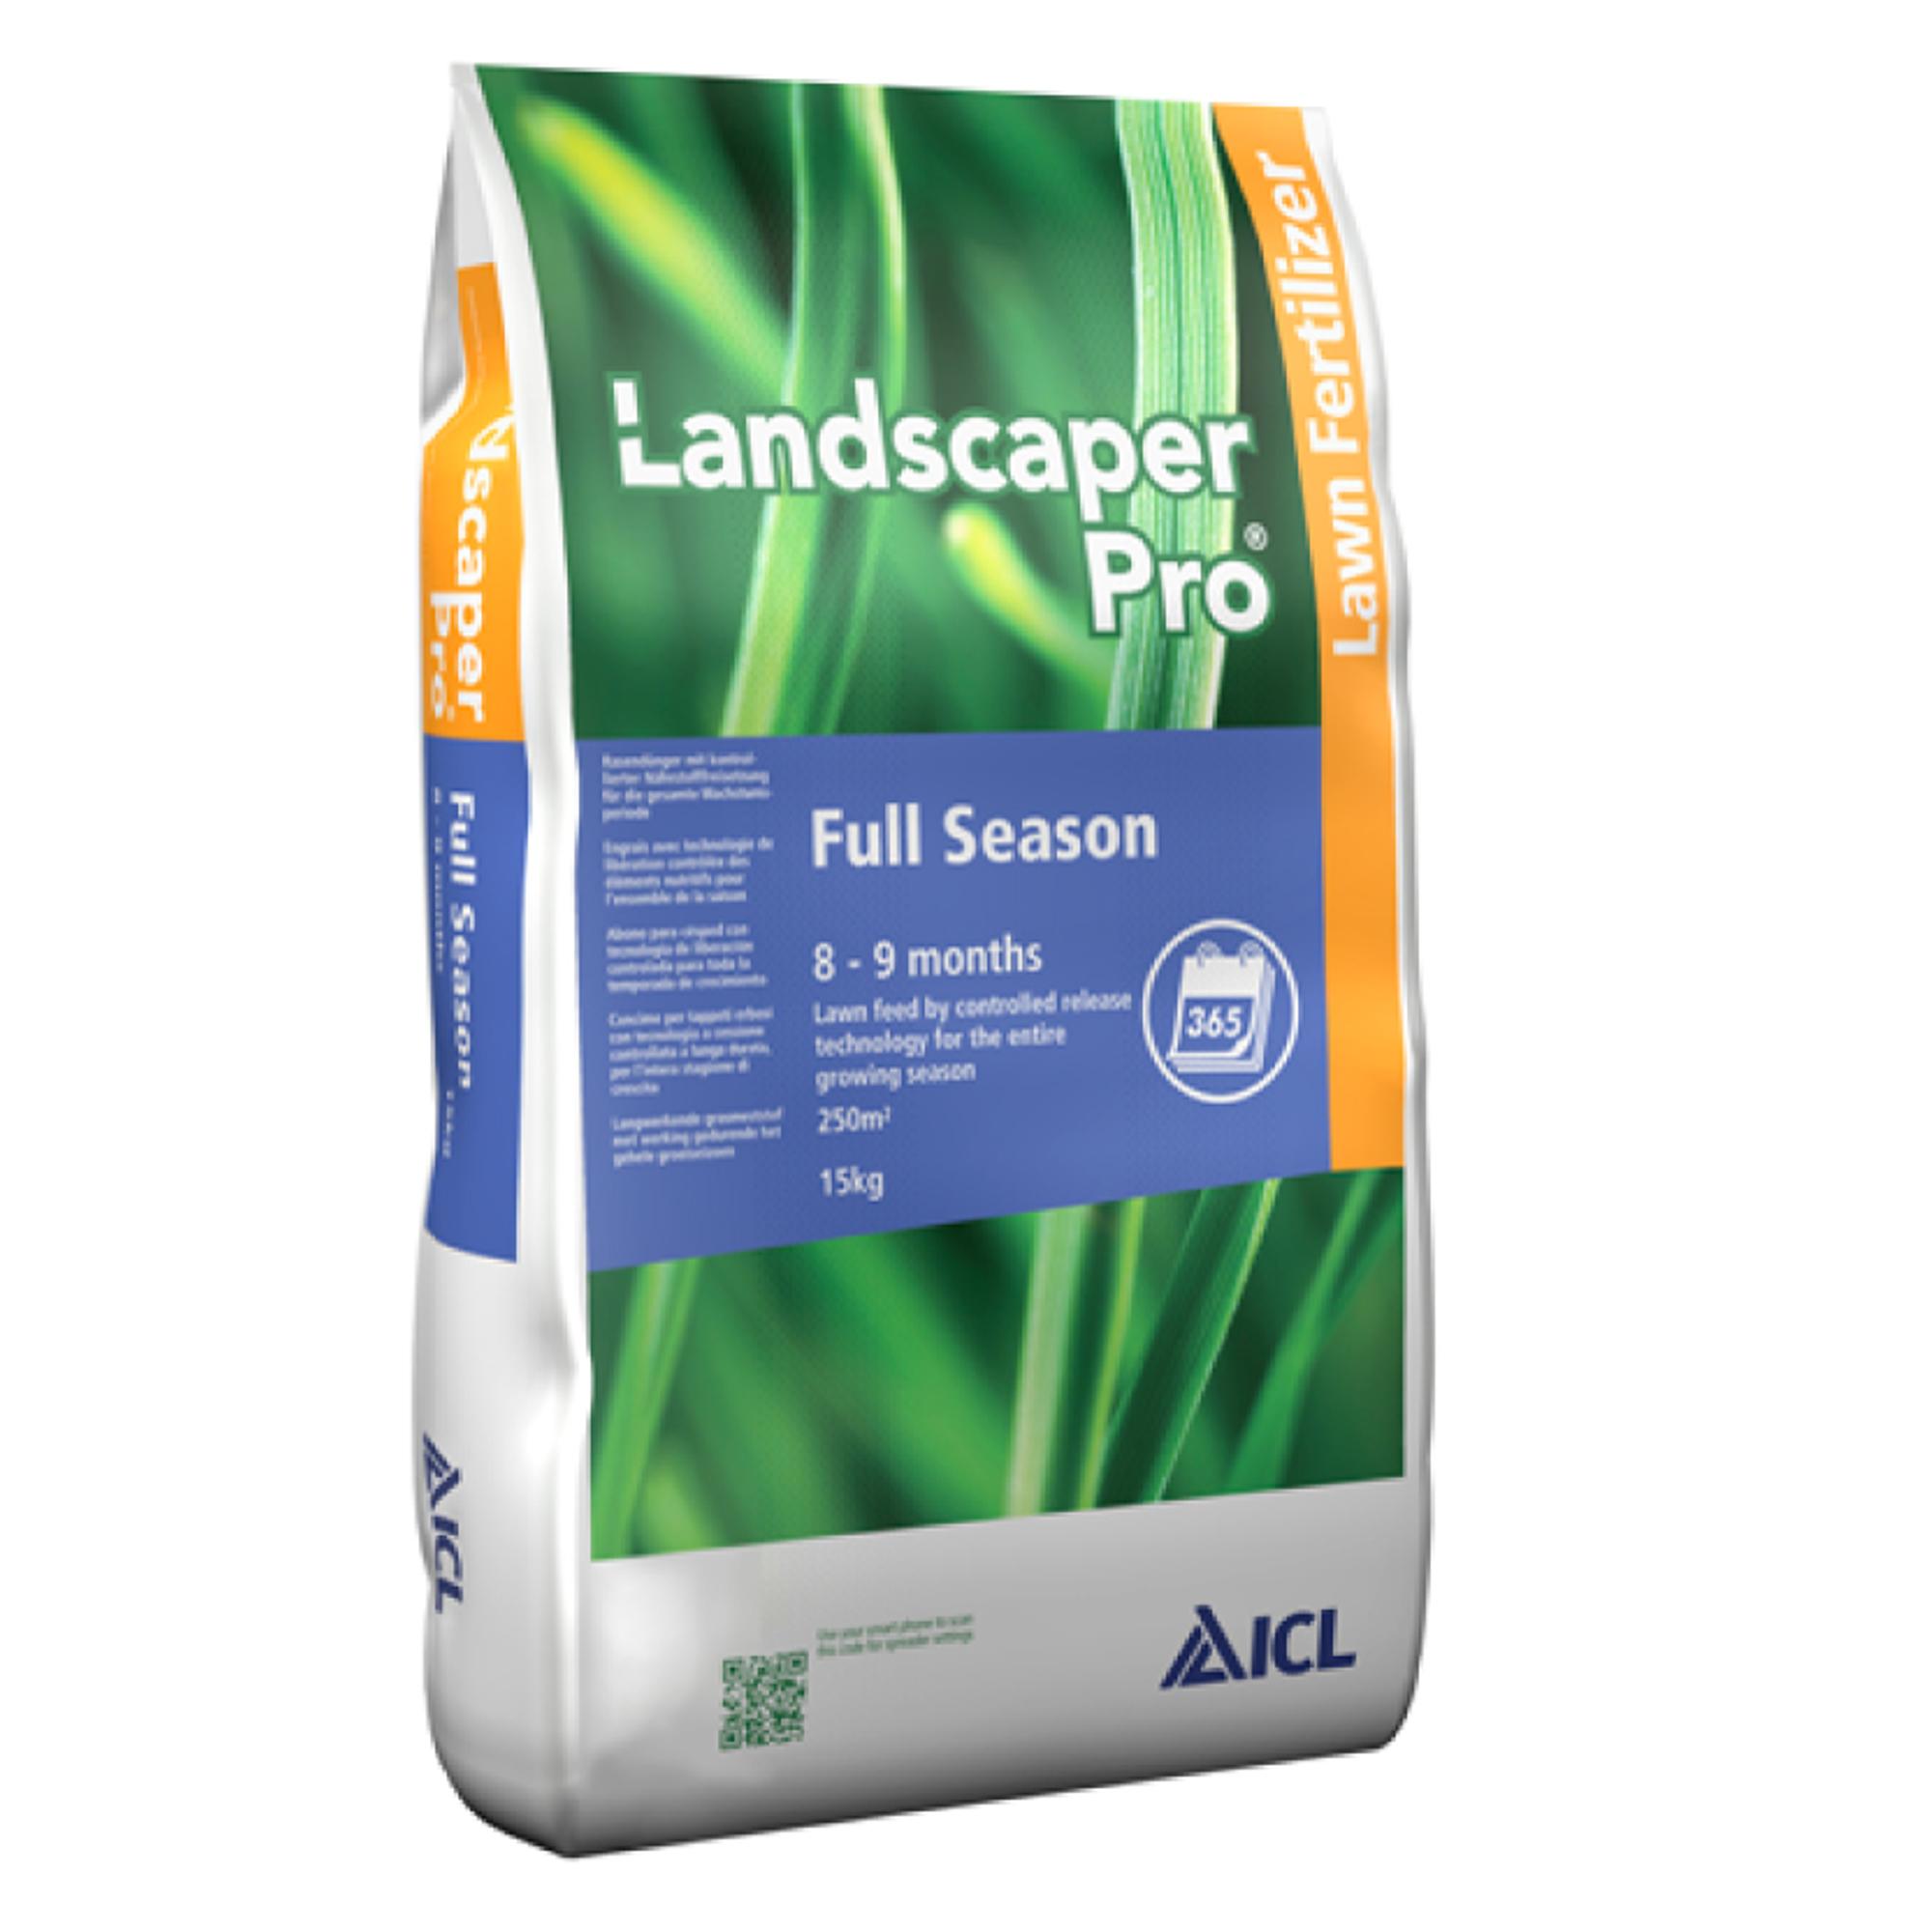 Landscaper Pro FullSeason Gyepműtrágya 5805